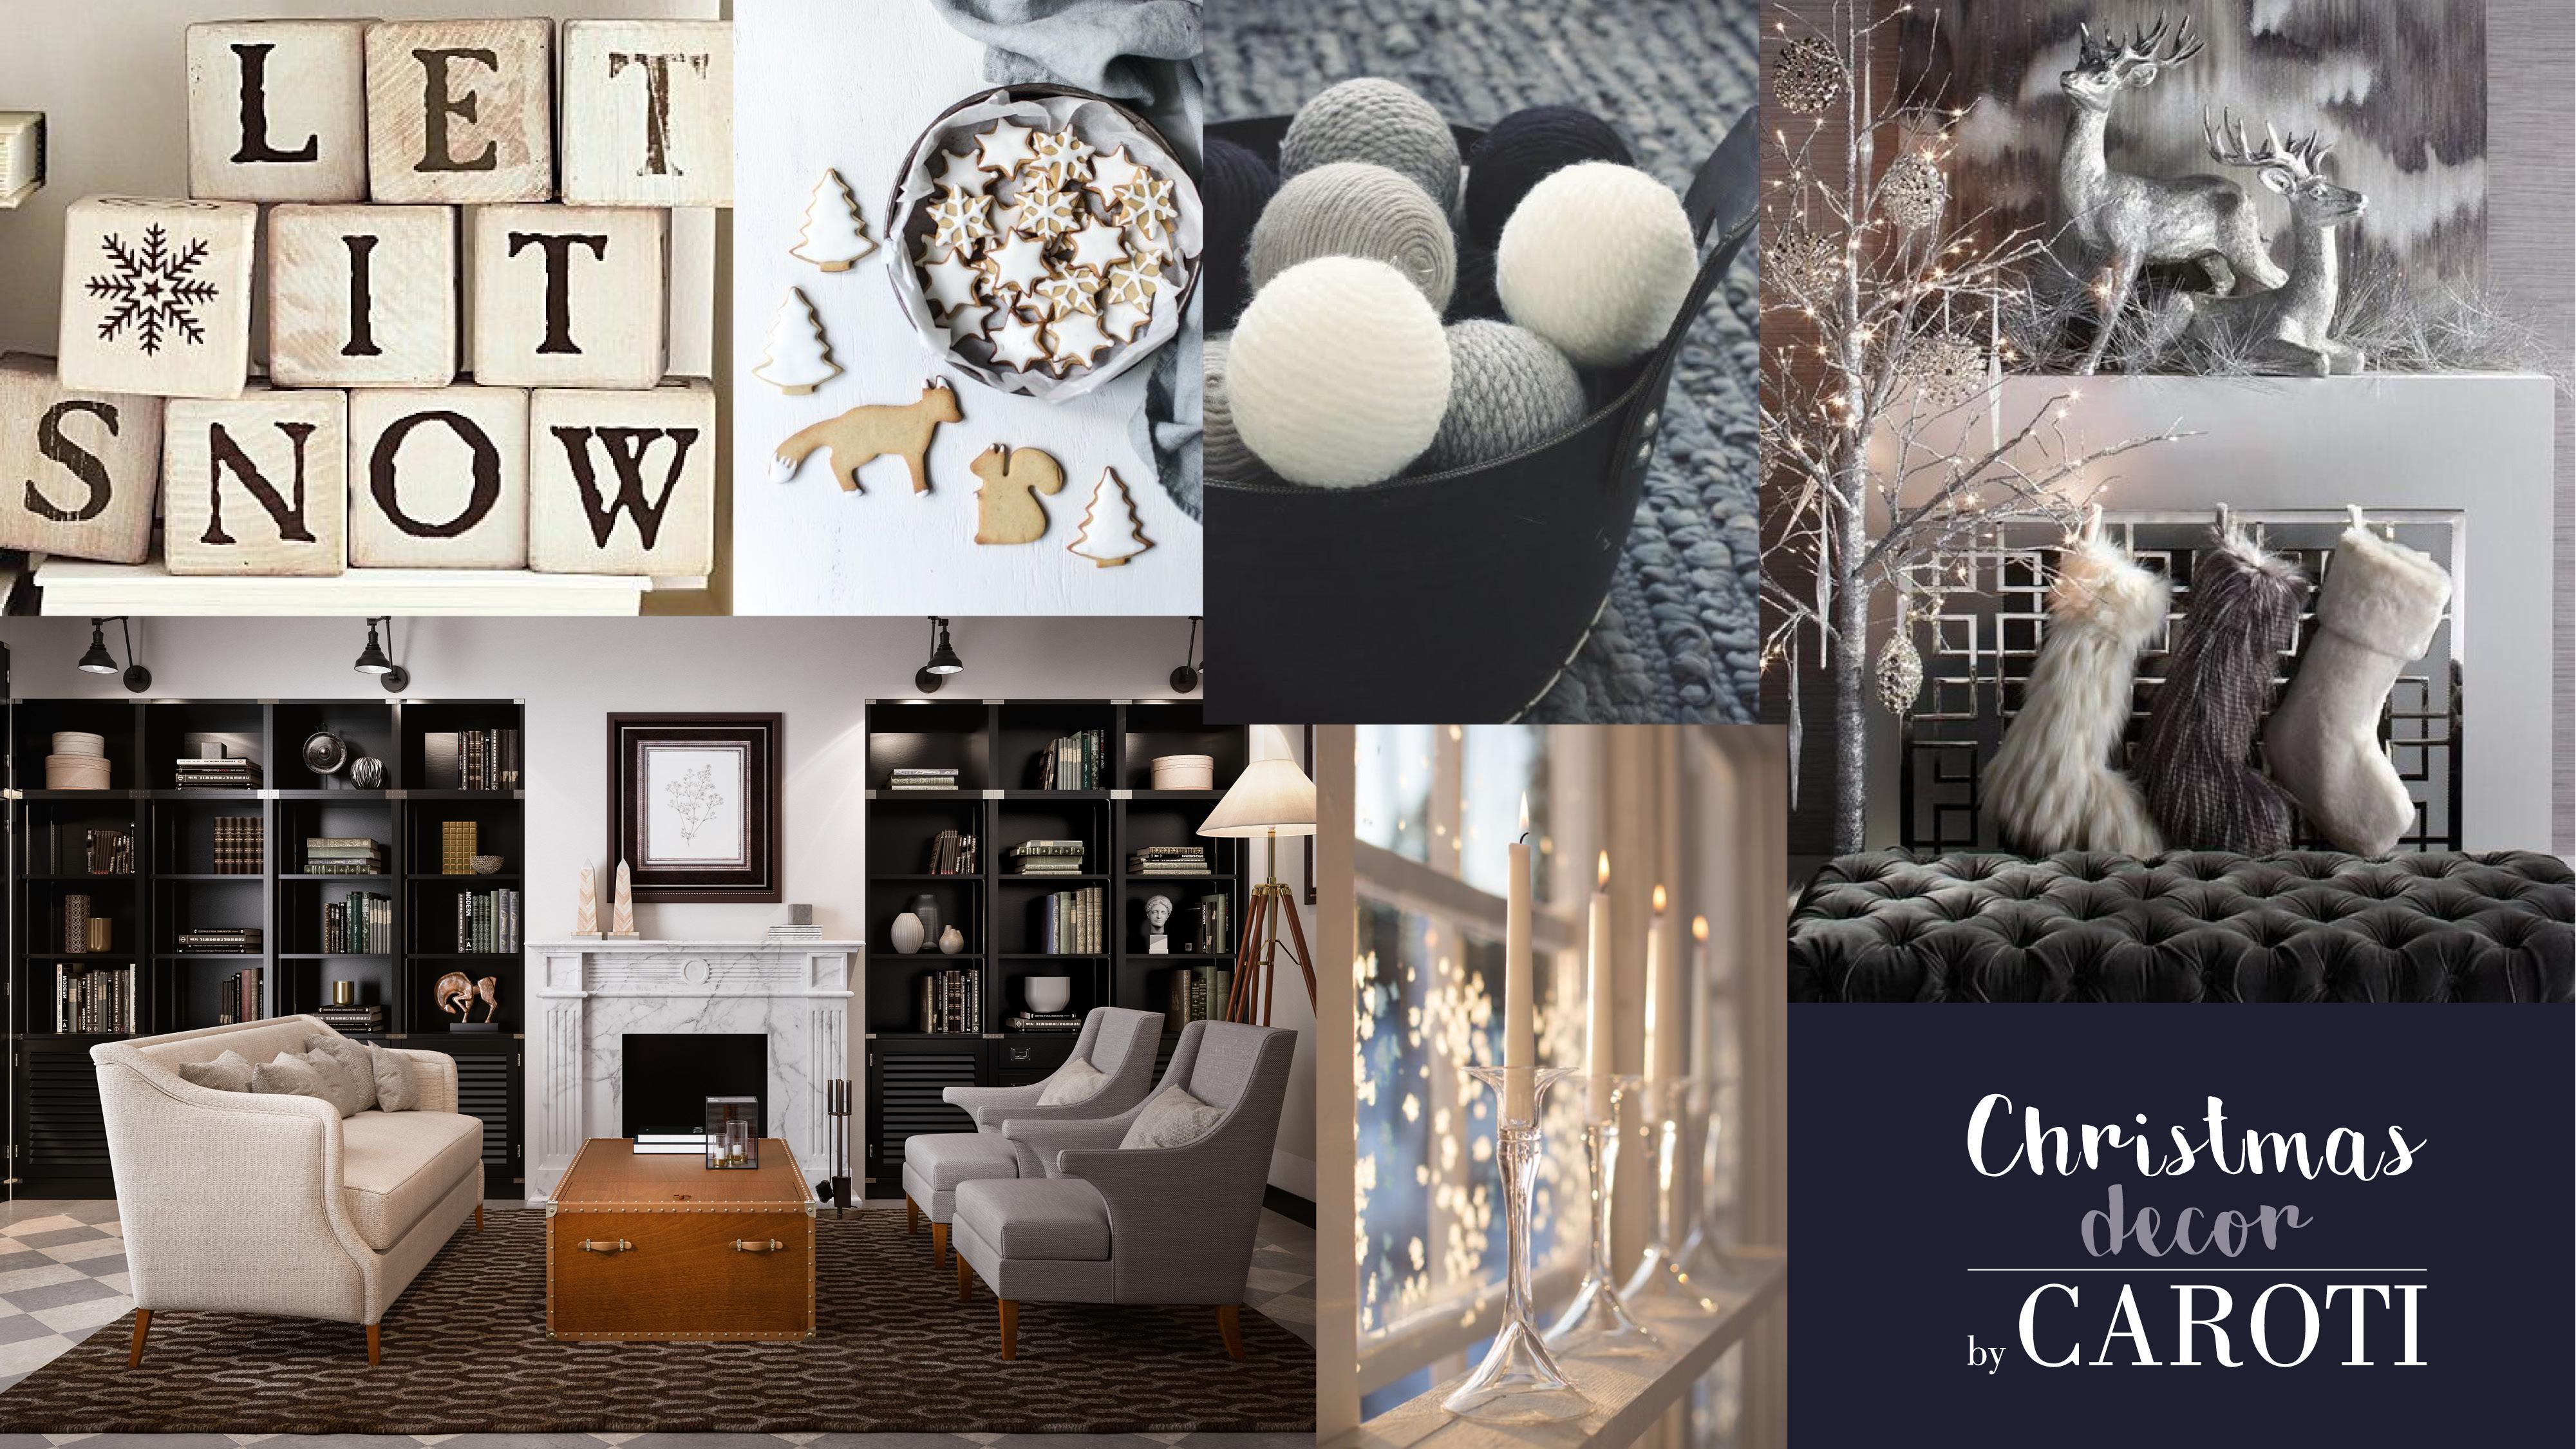 christmas decor tips by caroti in bon-ton style #2